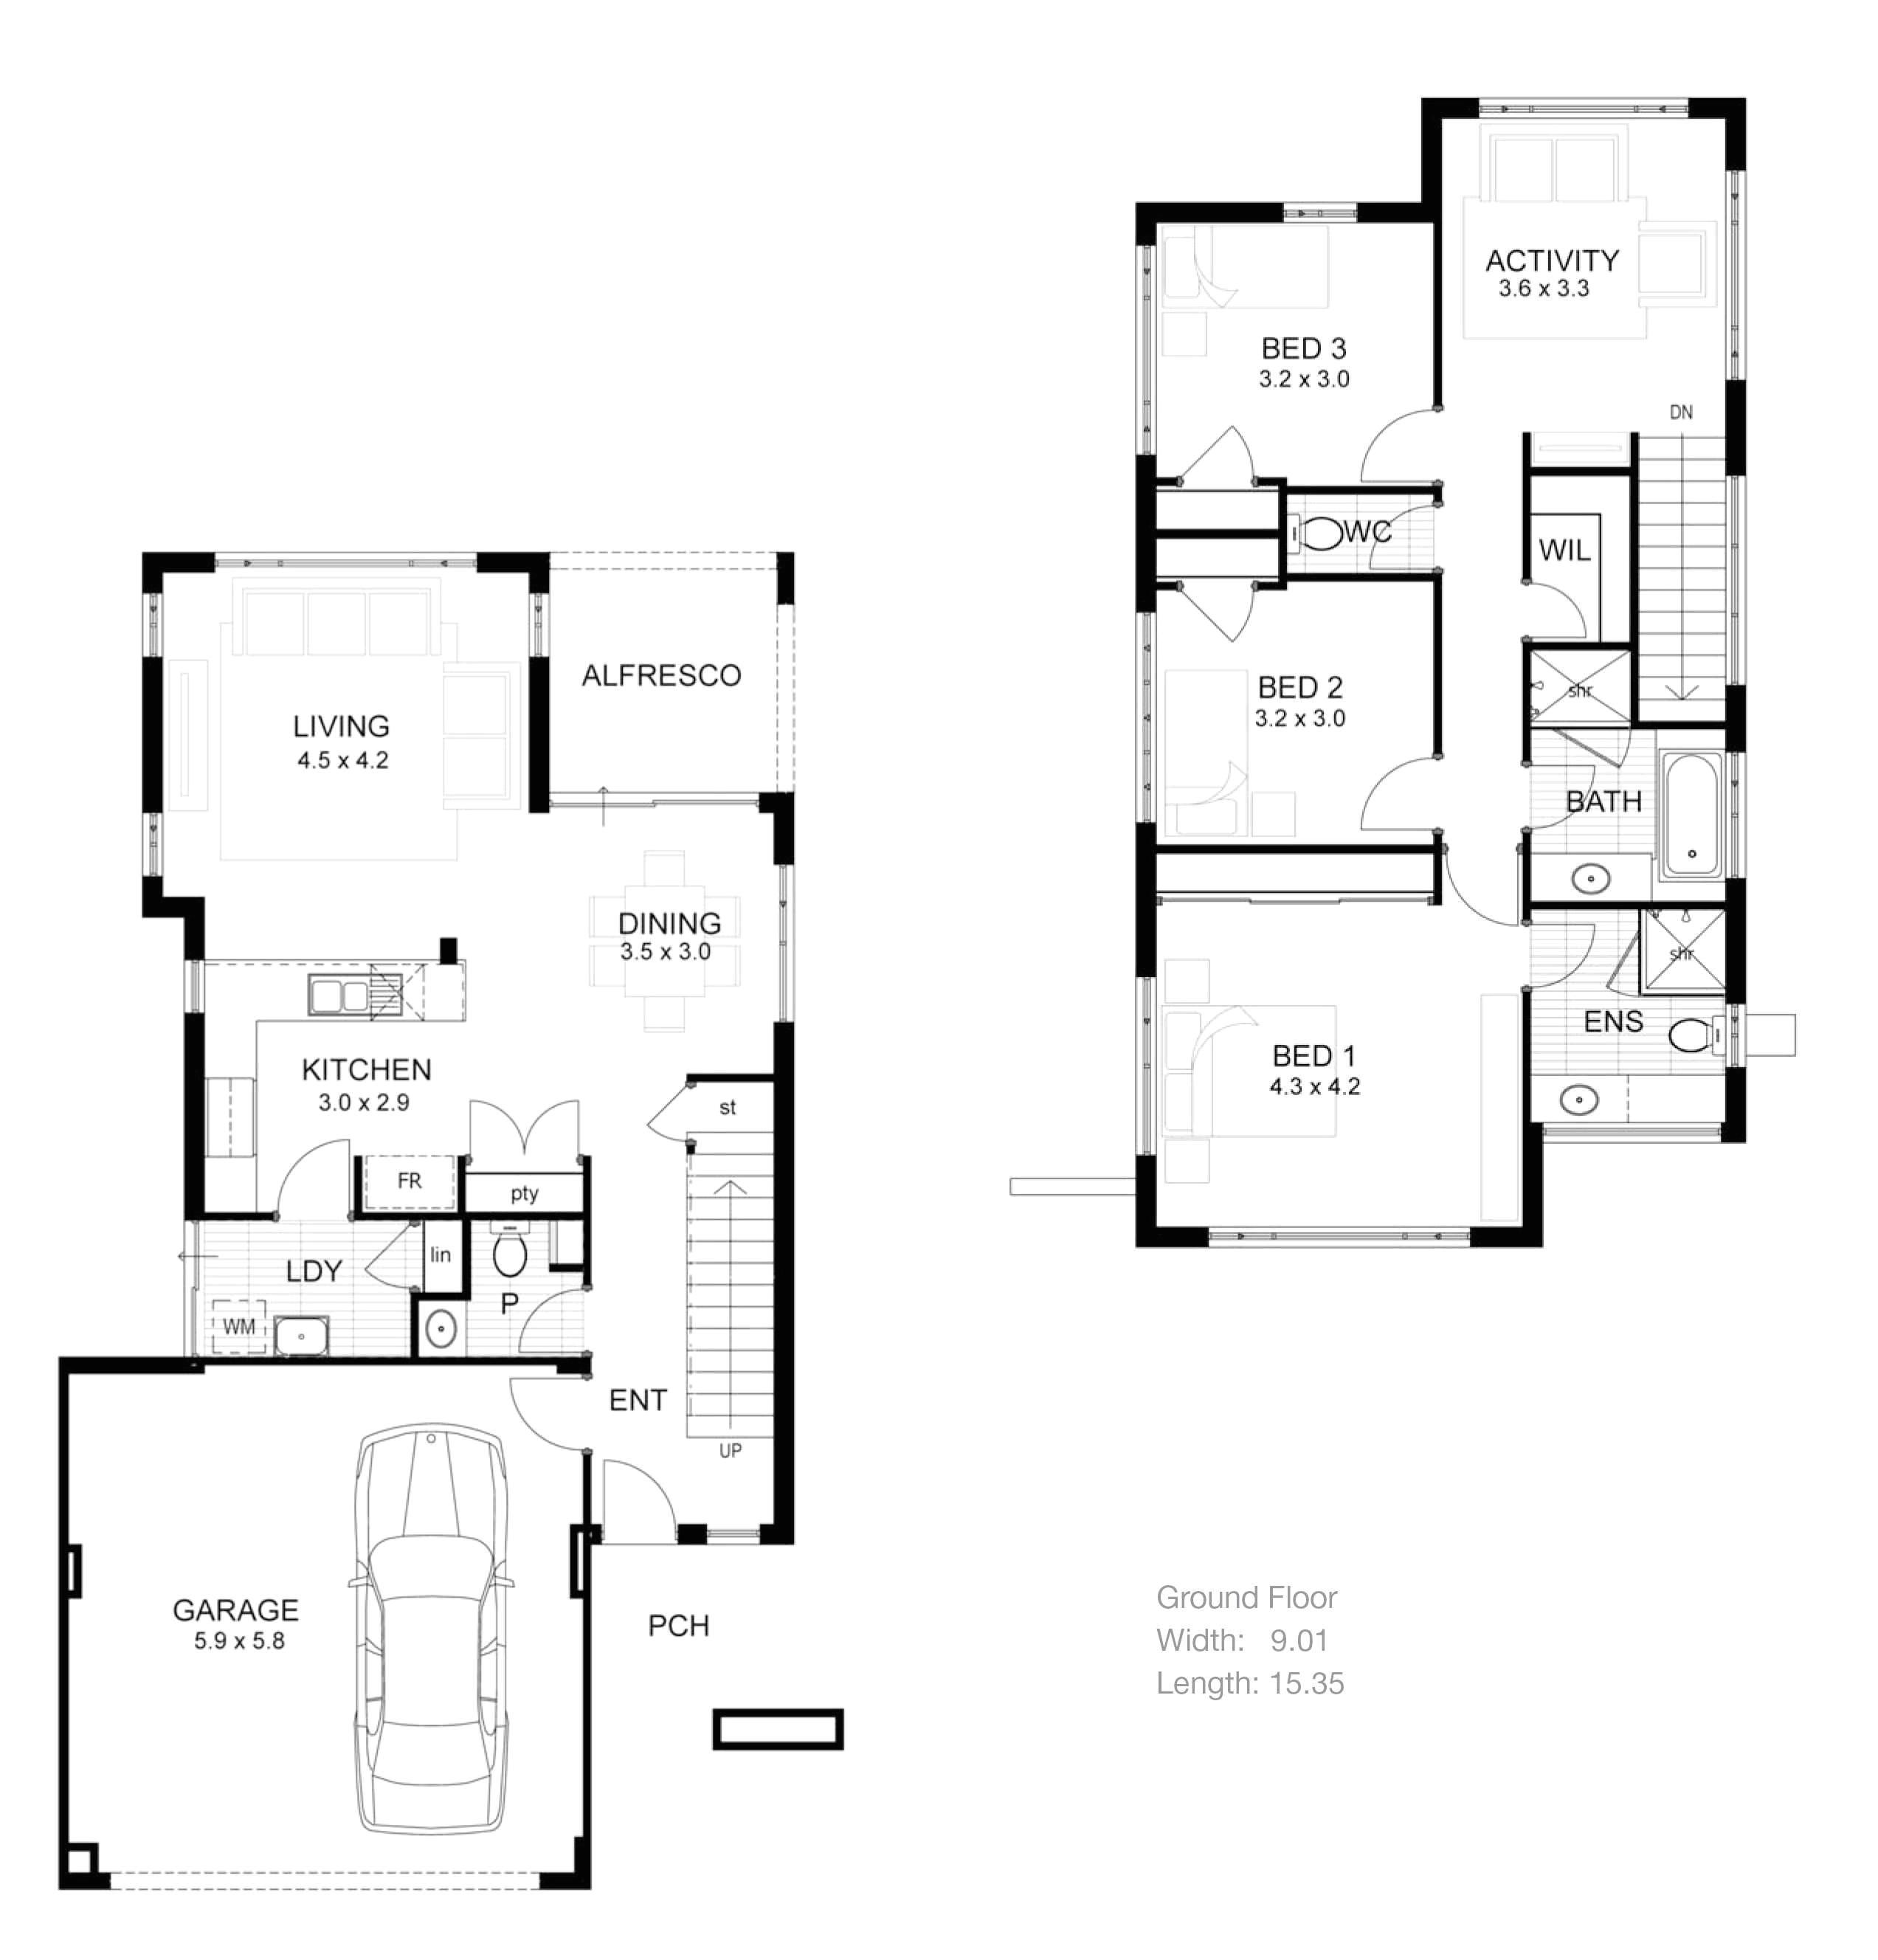 4 bedroom house plans sa luxury floor plans new floor plans lovely design plan 0d house